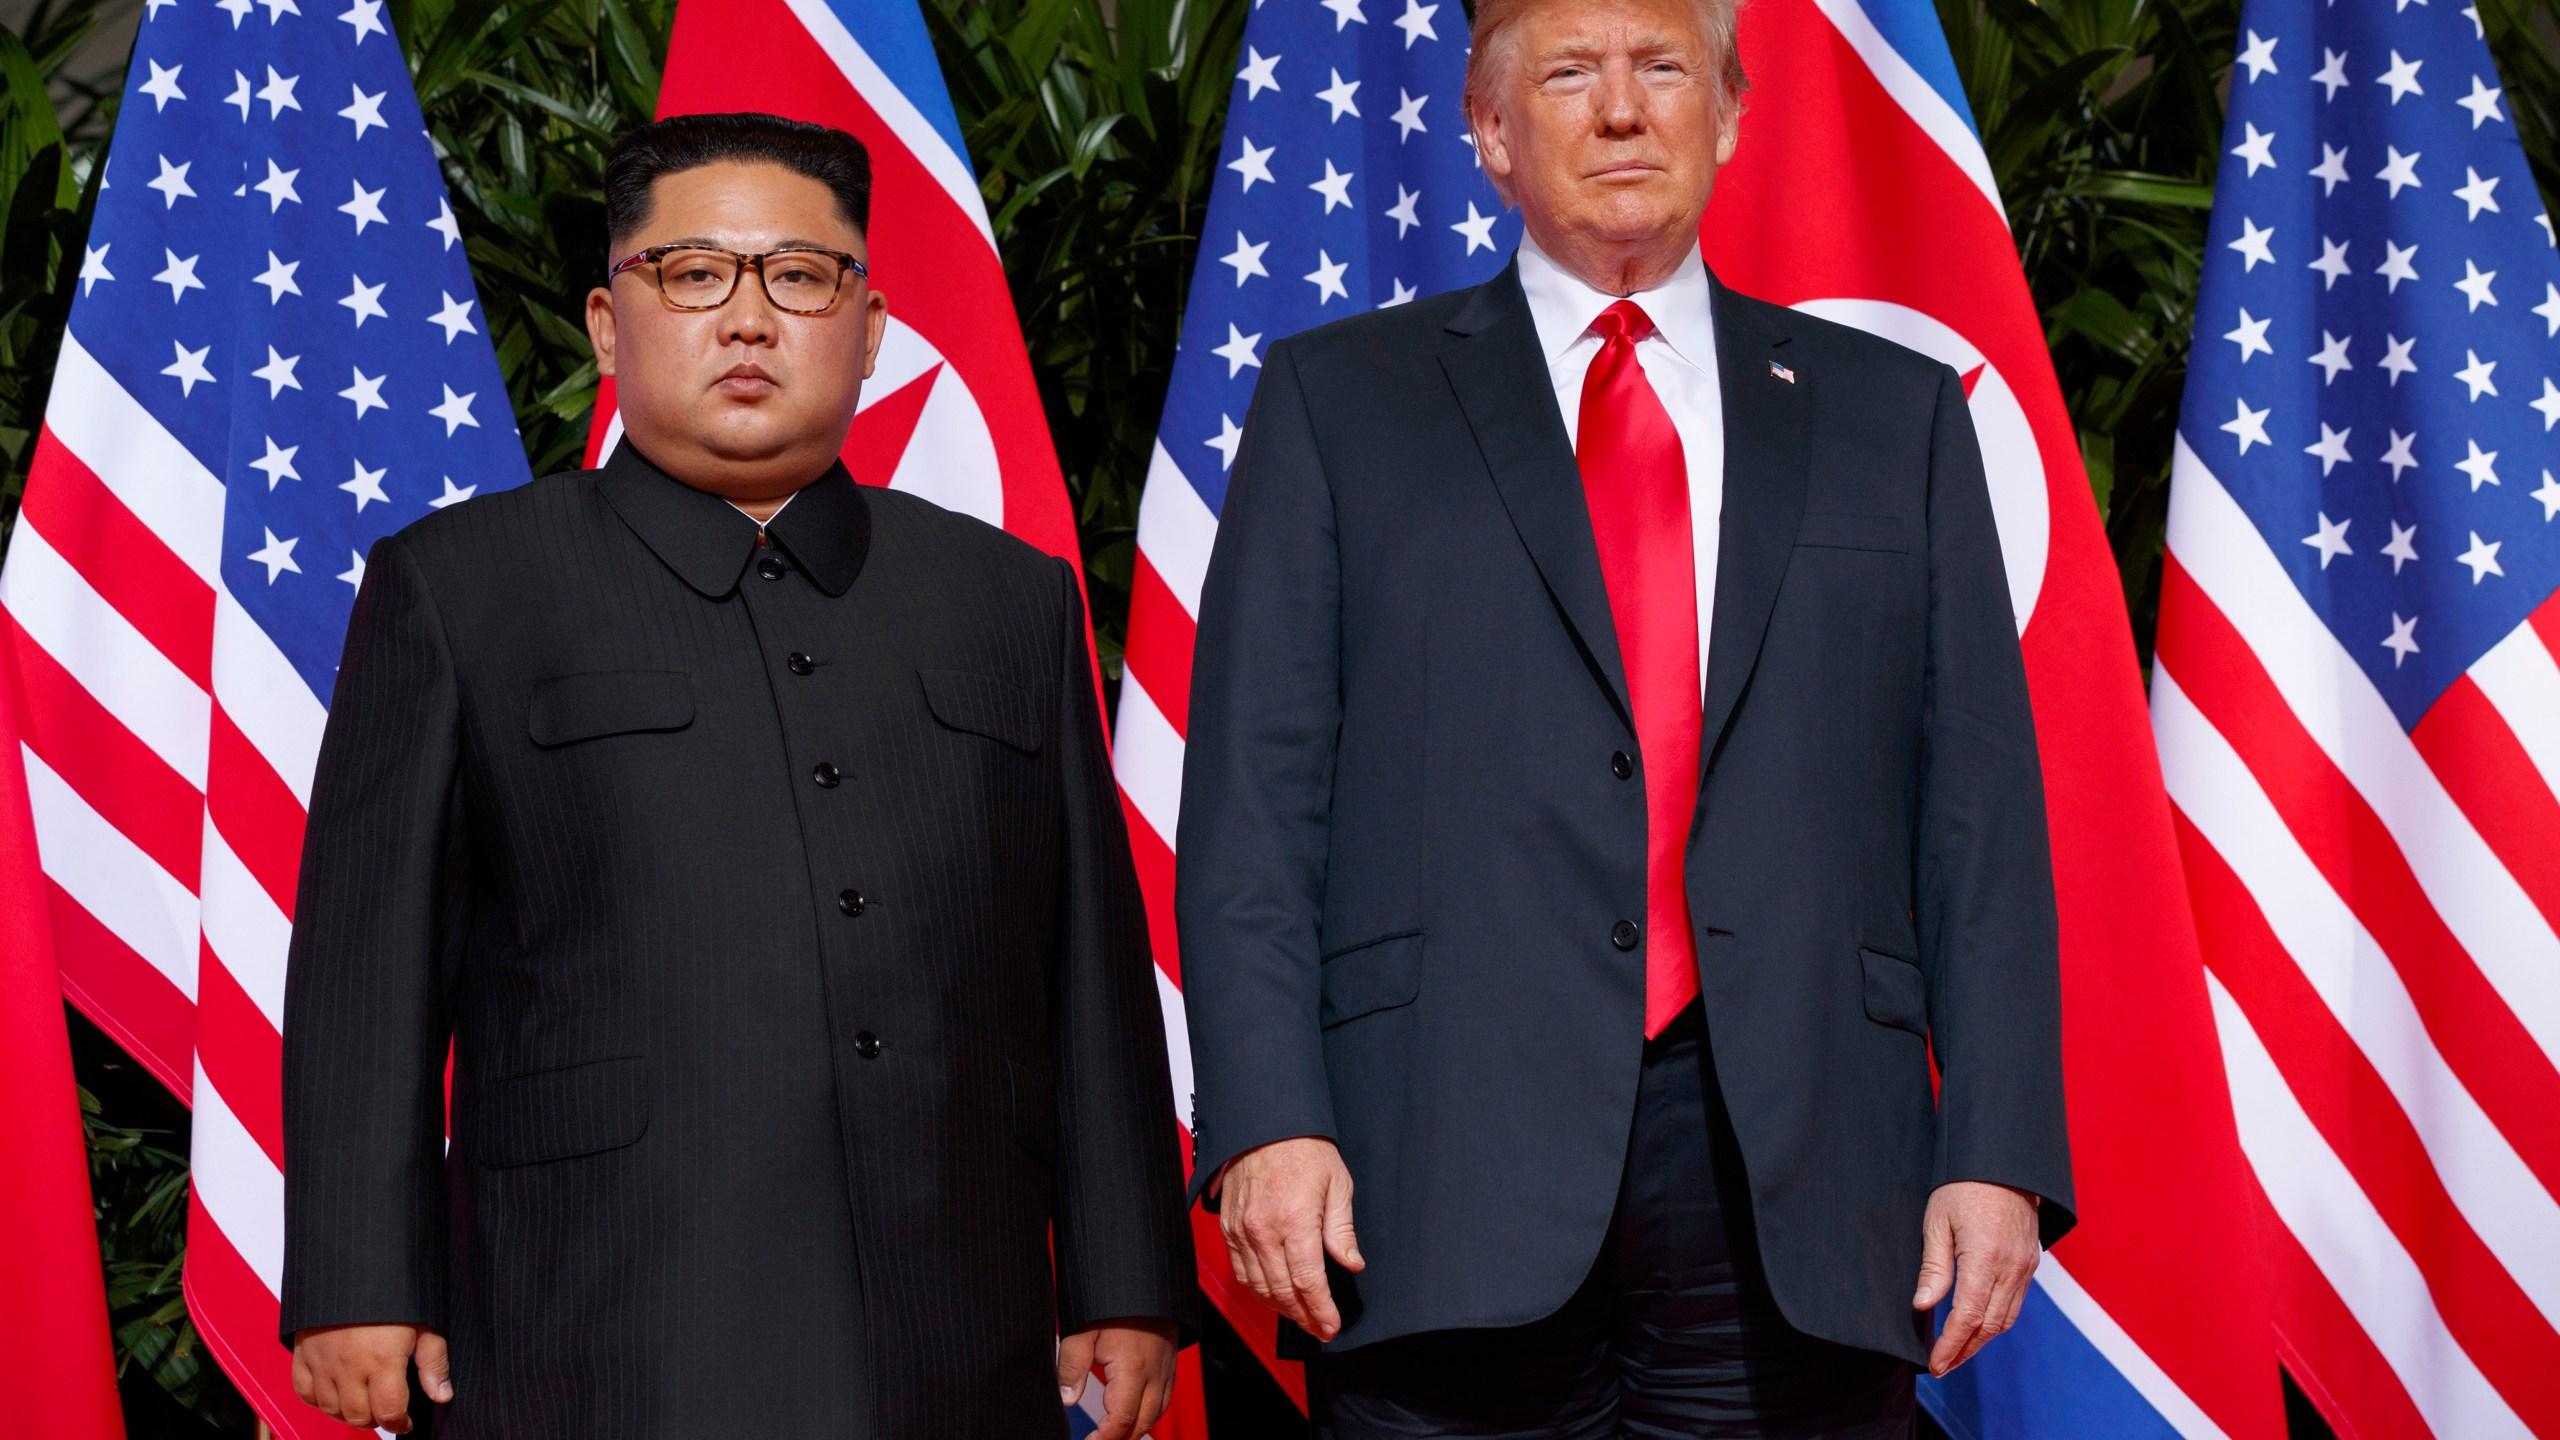 North_Korea_US_33339-159532.jpg98562271